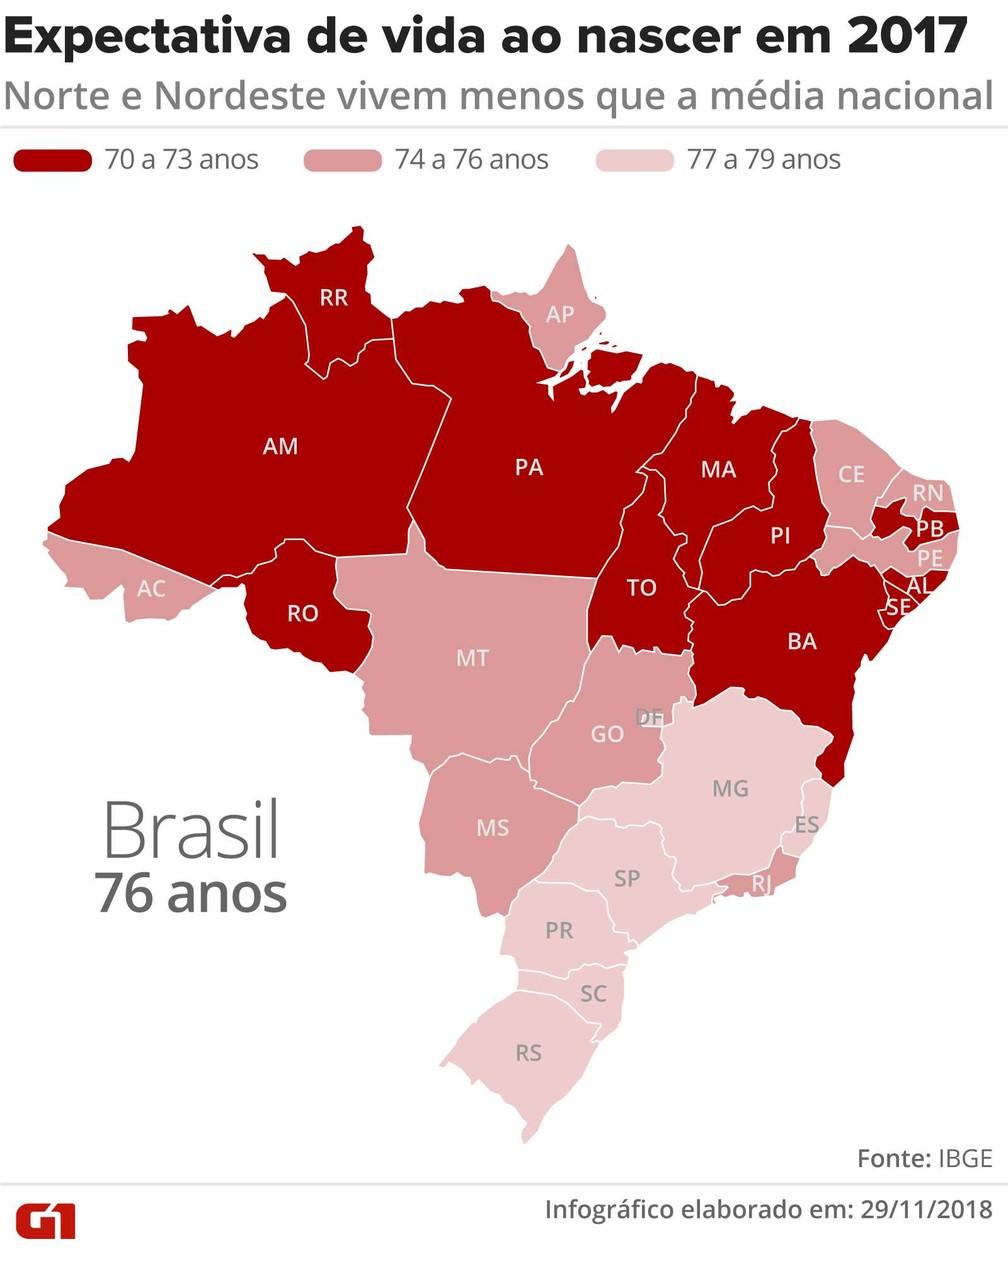 Expectativa de vida ao nascer em 2017 no Brasil â Foto: Claudia Peixoto/G1